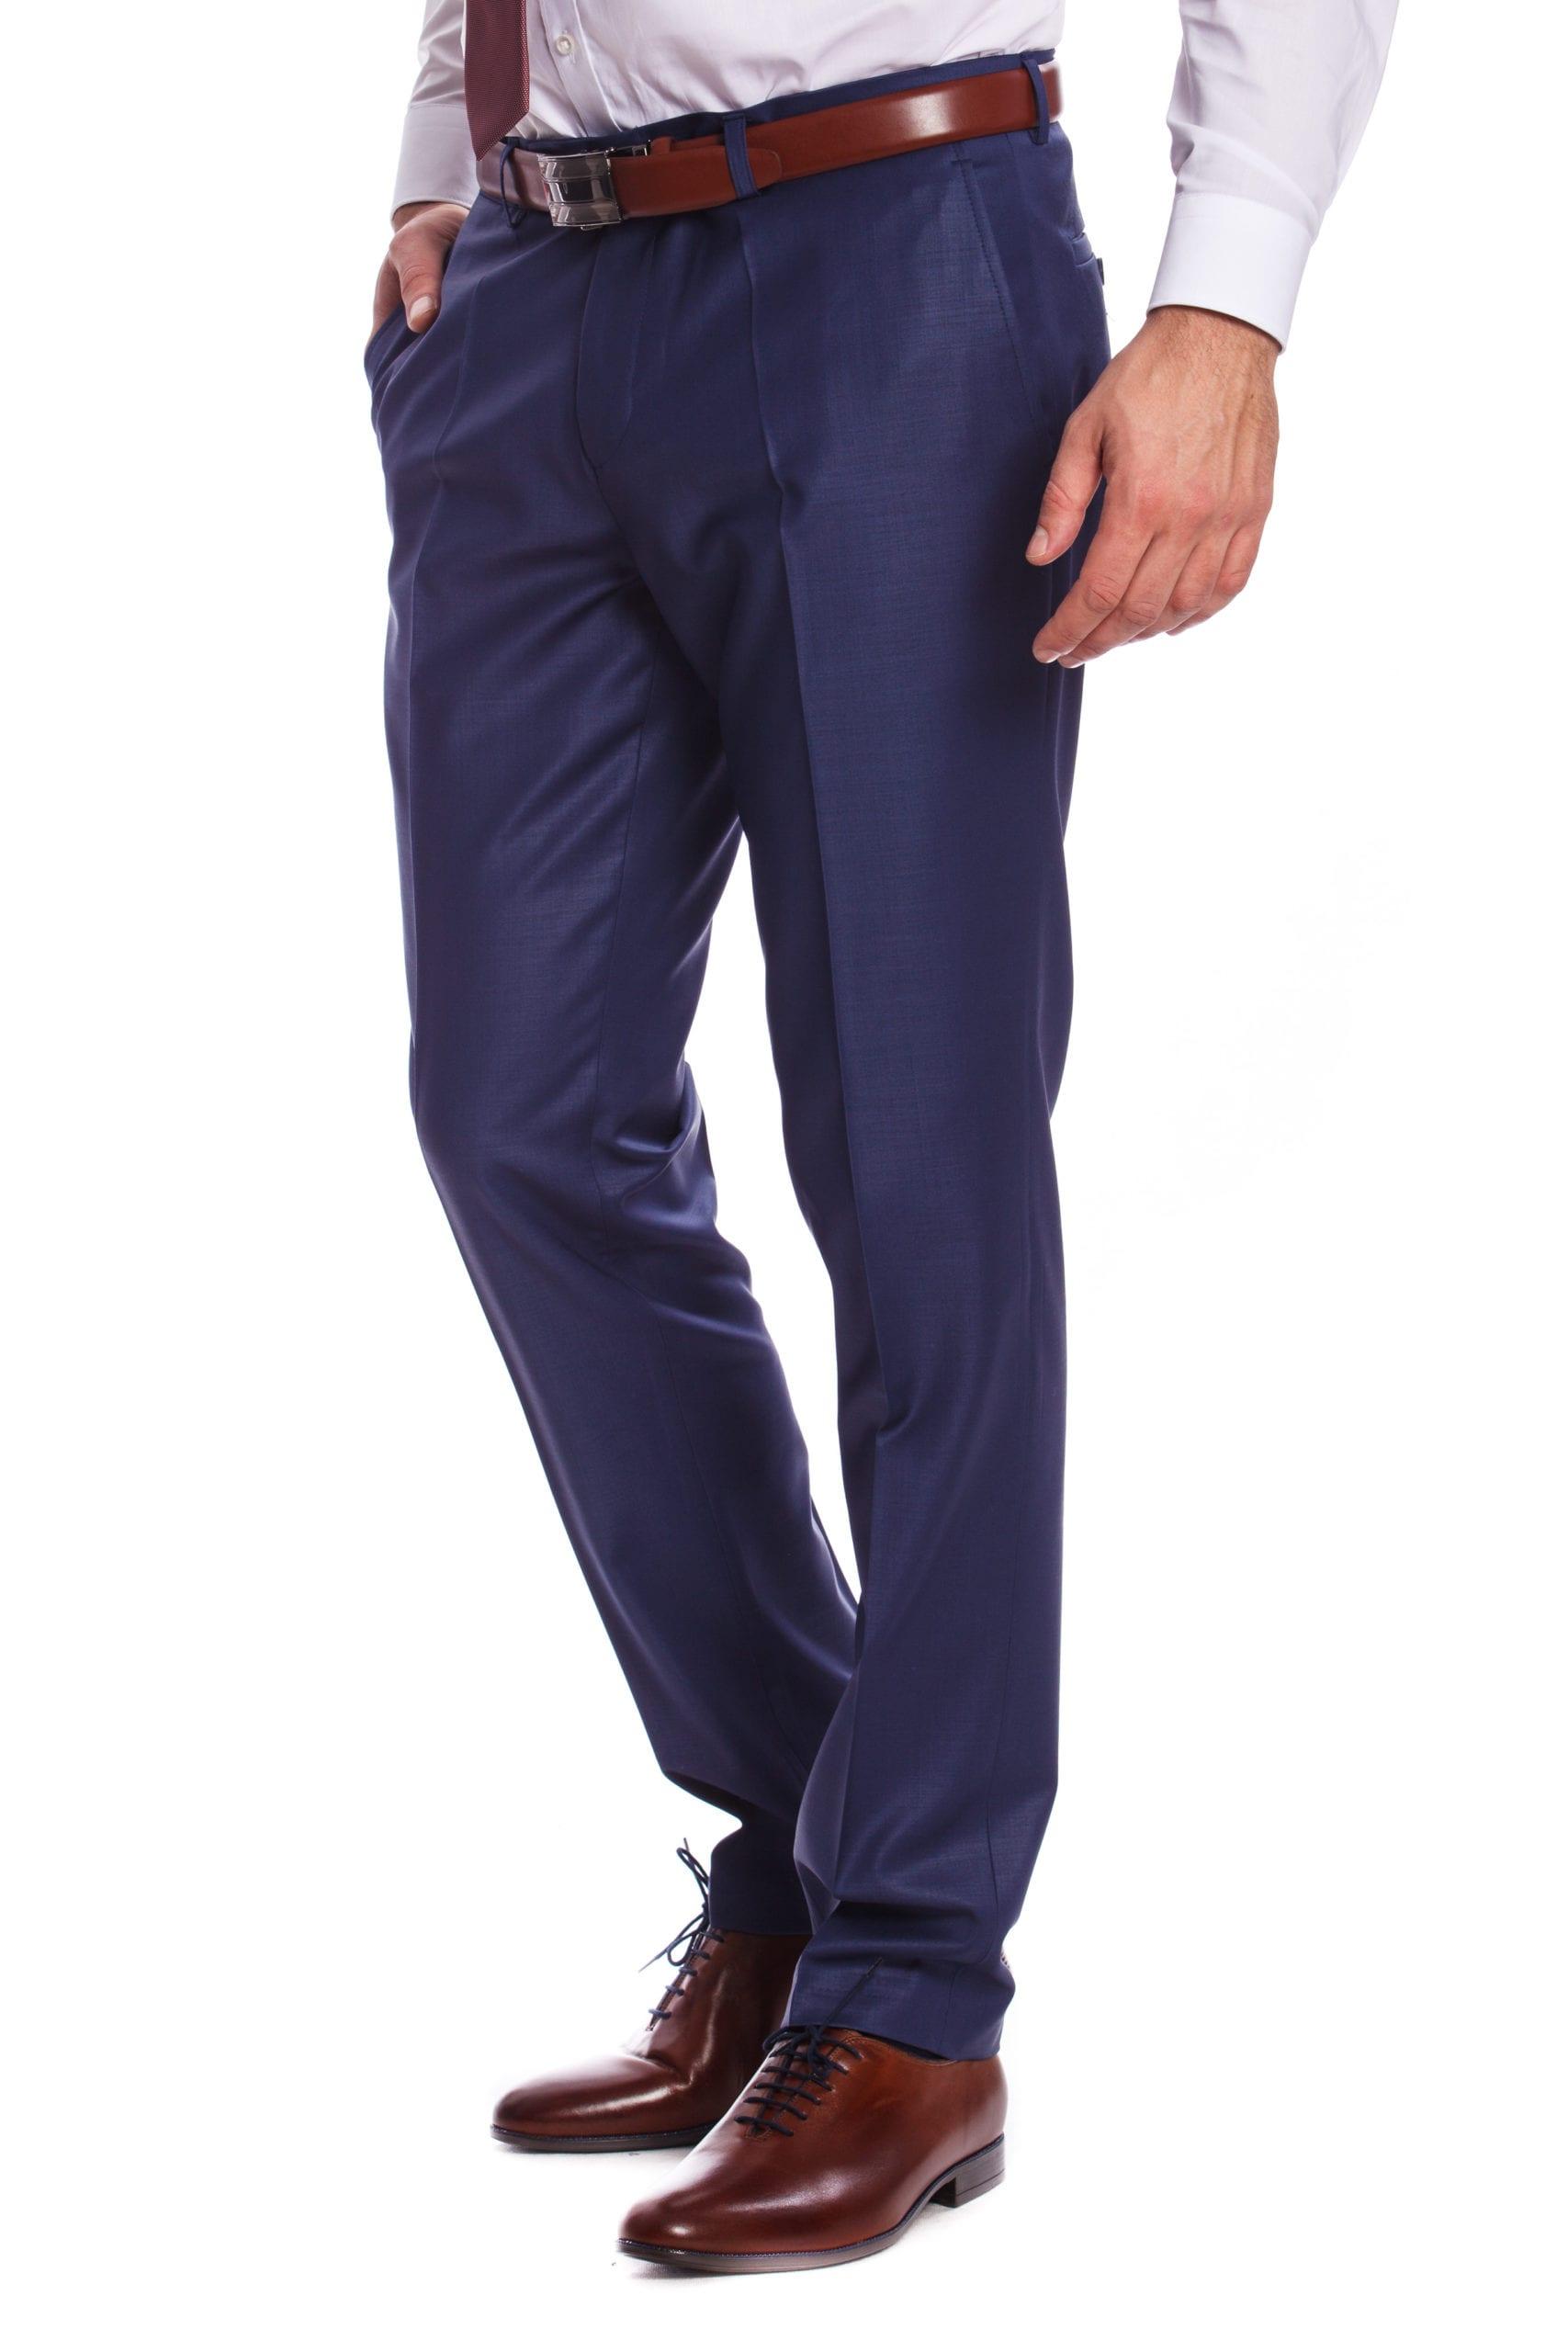 d568b89bc9 Bologna Fényes Középkék Slim Fit Gyapjú Öltönynadrág - Elite Fashion ...